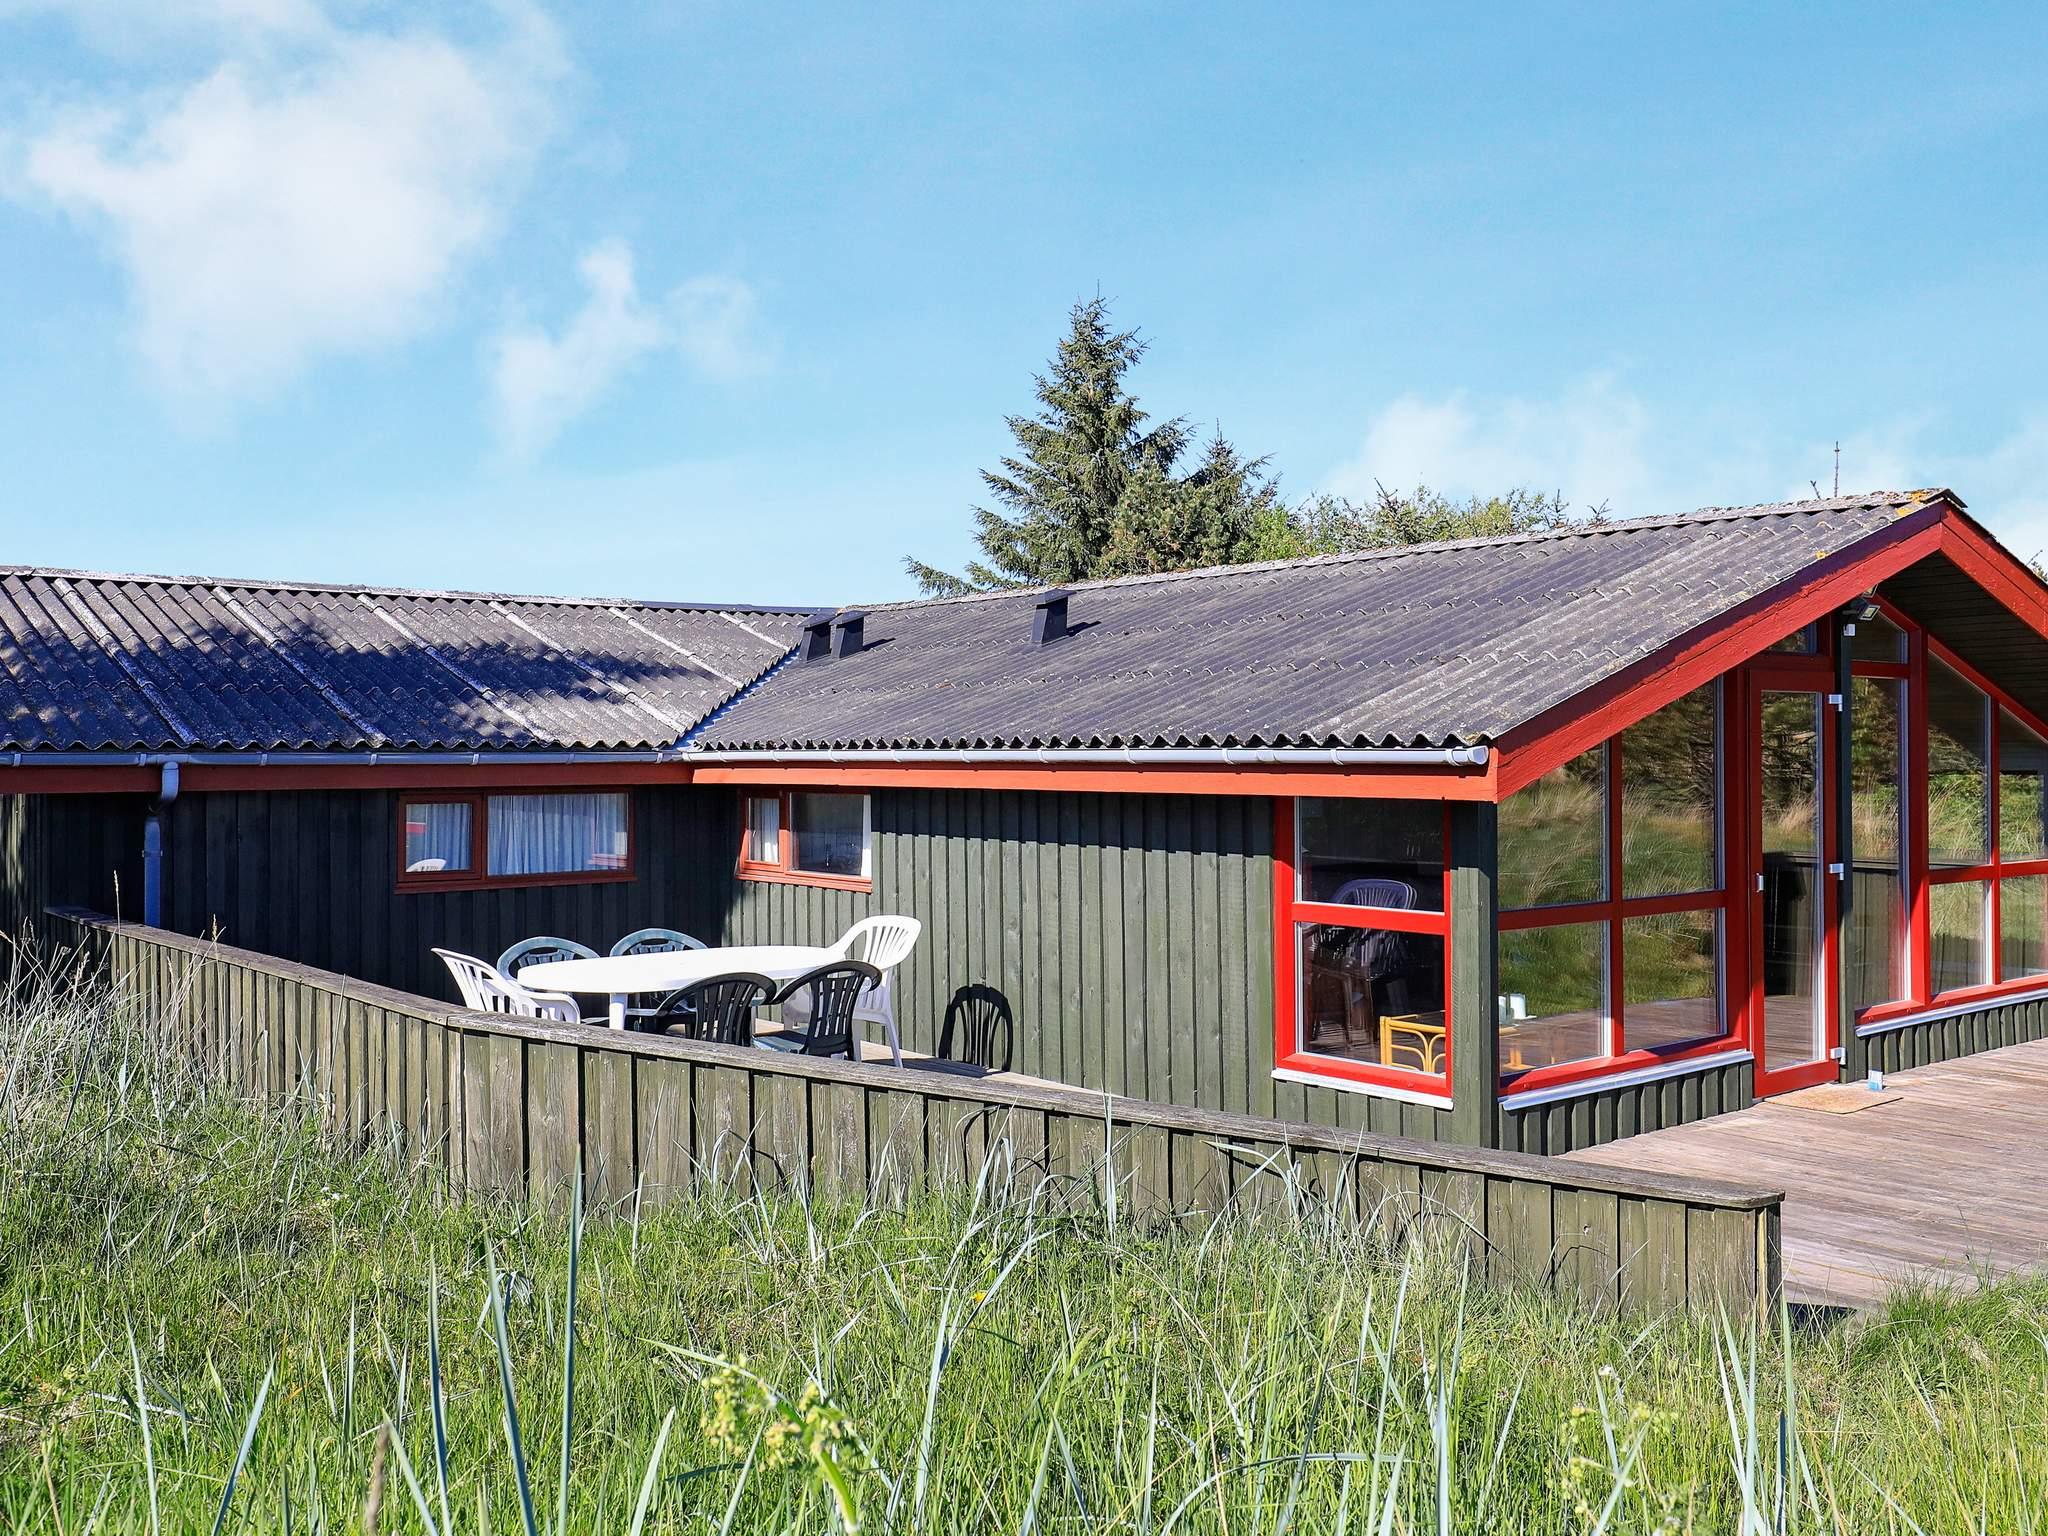 Ferienhaus Kjul Strand (319409), Hirtshals, , Nordwestjütland, Dänemark, Bild 2